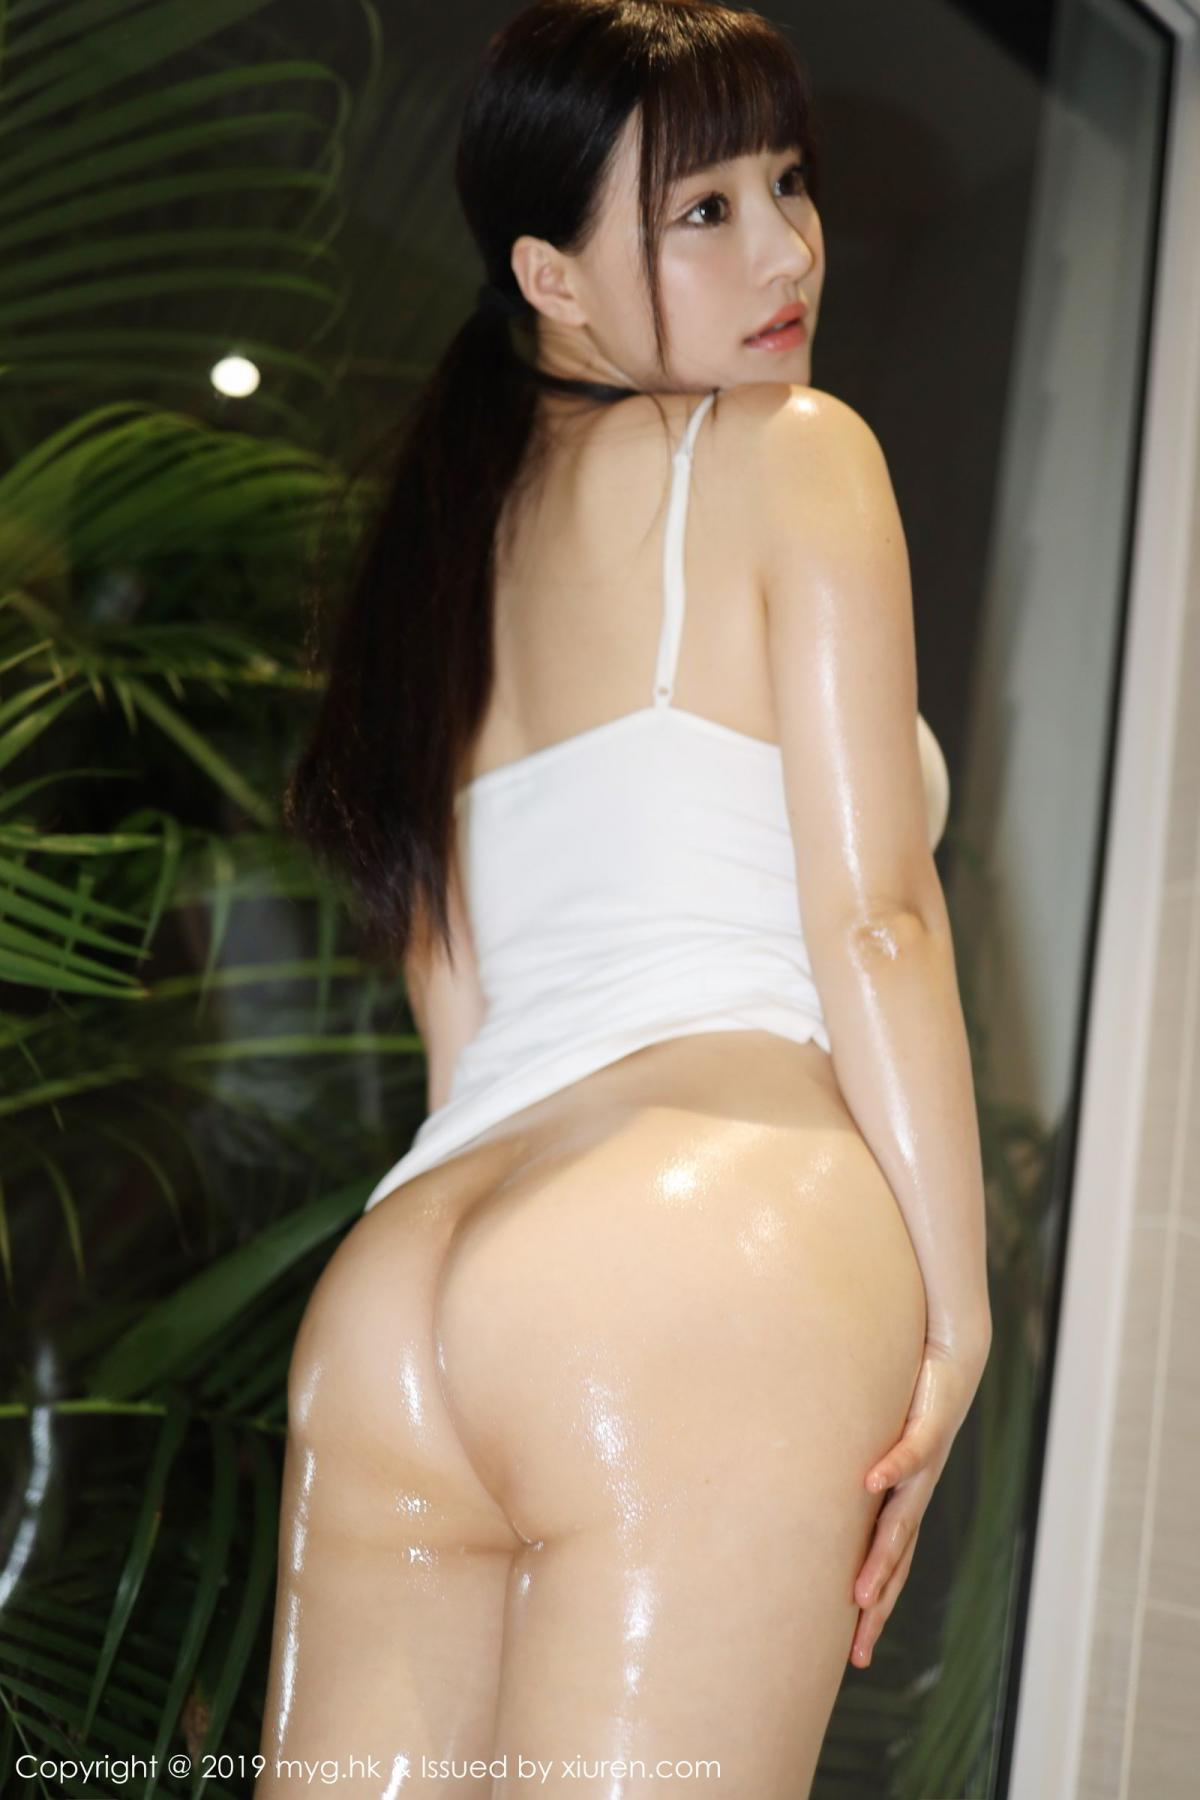 [MyGirl] Vol.367 Zhu Ke Er 31P, mygirl, Zhu Ke Er